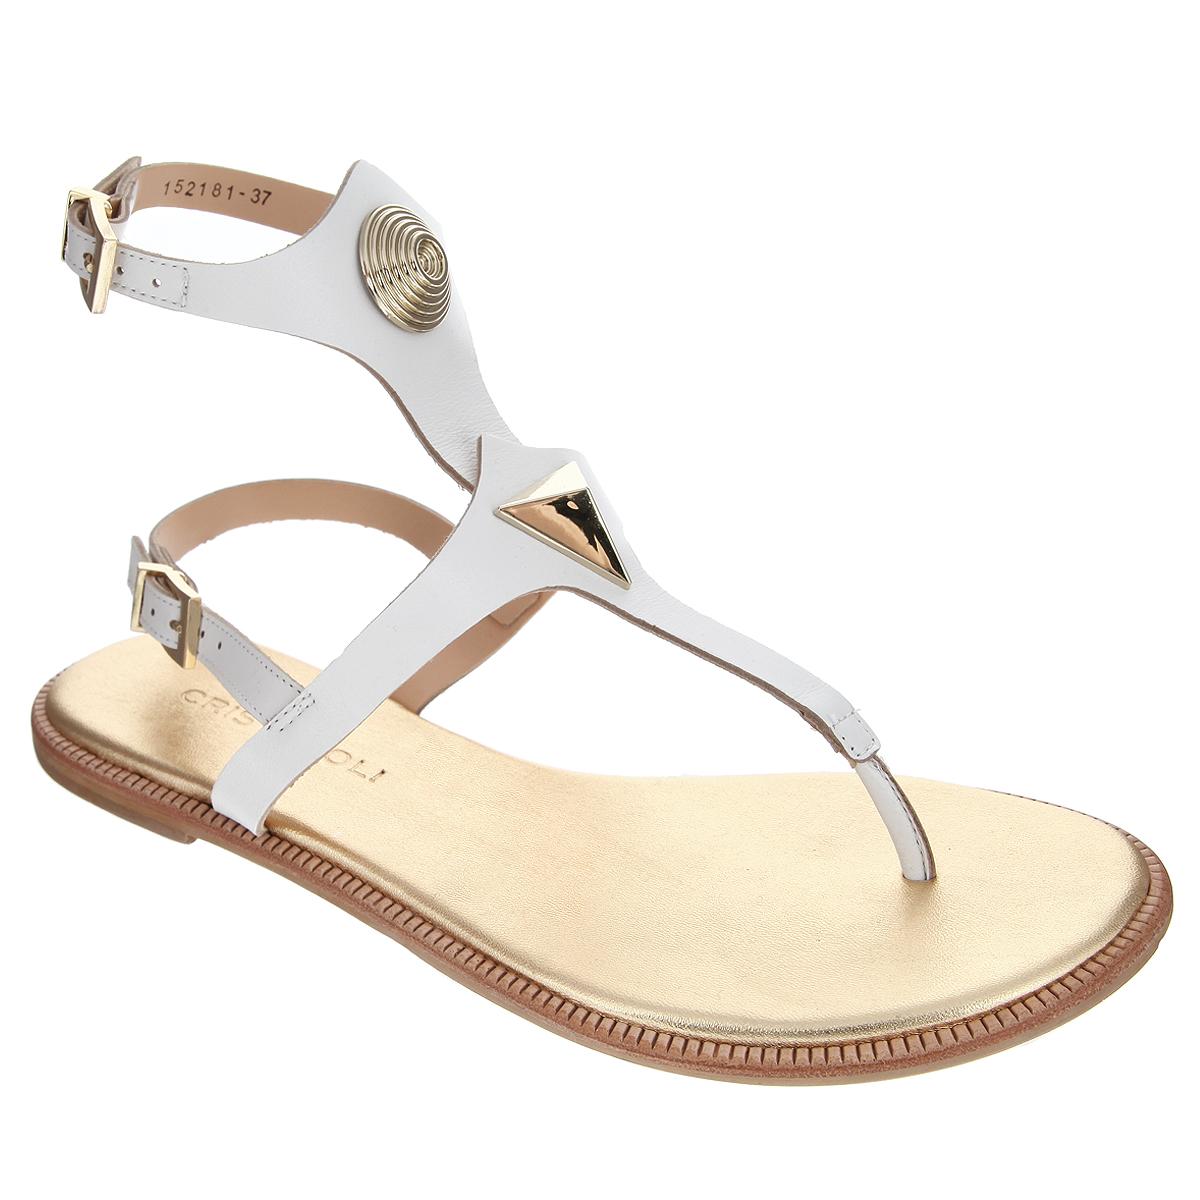 Сандалии женские. 152181152181Оригинальные женские сандалии от Cristofoli заинтересуют вас своим дизайном. Модель изготовлена из высококачественной натуральной кожи. Ремешки на подъеме оформлены декоративными элементами оригинальной формы, выполненными из пластика. Ремешки с прямоугольной металлической пряжкой прочно зафиксируют модель на вашей ножке. Длина ремешков регулируется за счет болта. Мягкая кожаная стелька позволяет ногам дышать. Подошва, стилизованная под дерево, дополнена противоскользящим рифлением. Стильные сандалии помогут вам создать сногсшибательный образ.